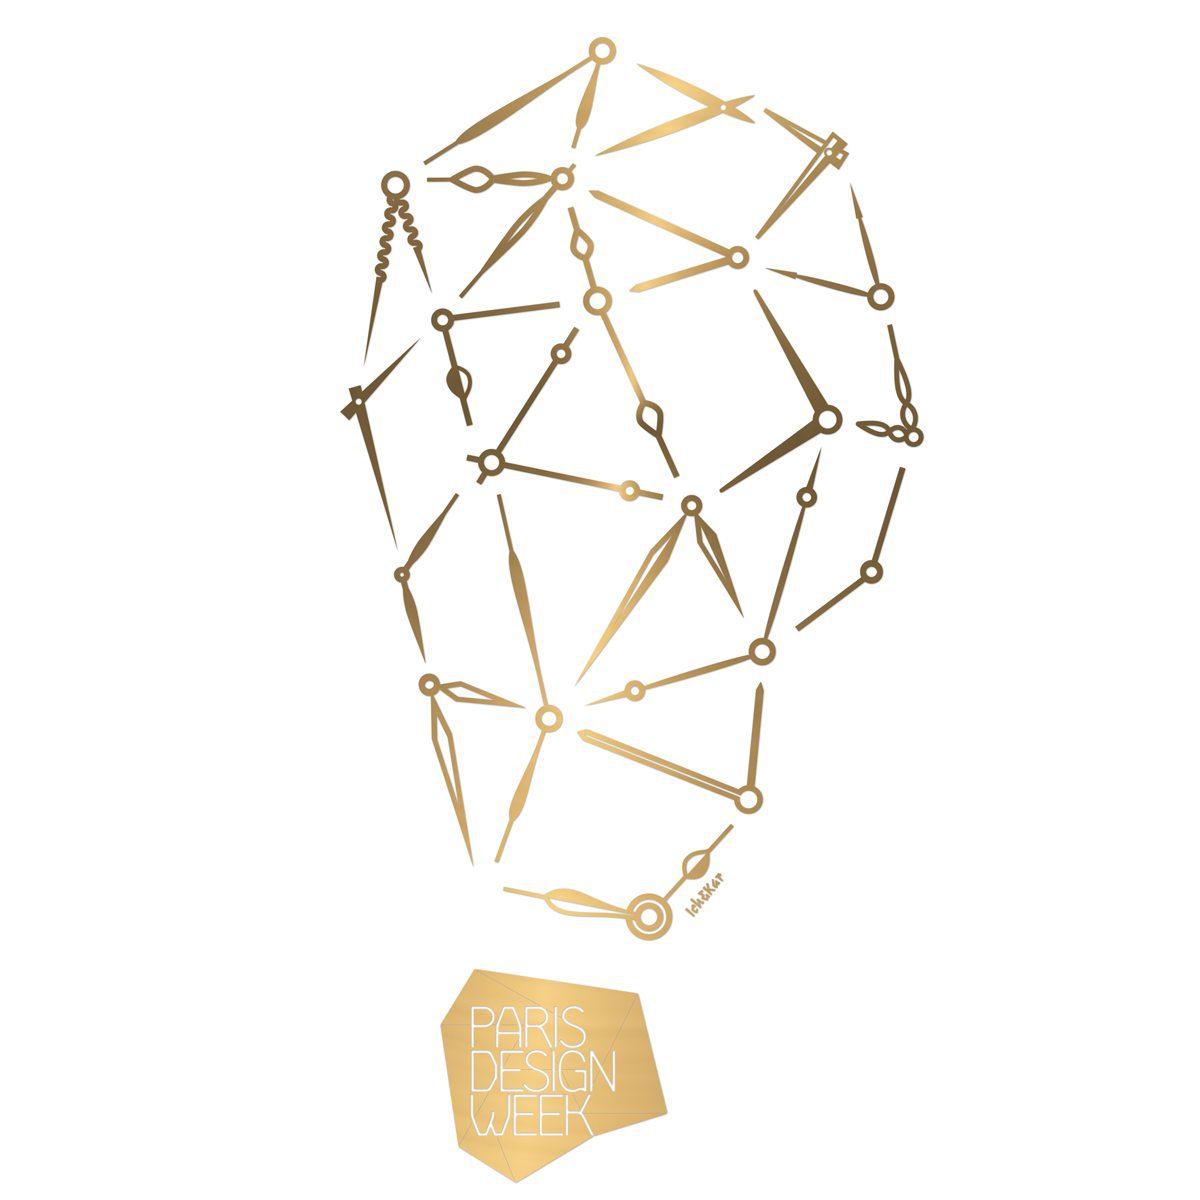 Dessin Precious Time de Ich&Kar pour la Paris Design Week 2015 - Motifs d'aiguilles dorées de montre. Image d'aiguilles qui remontent le temps que nous n'avons plus